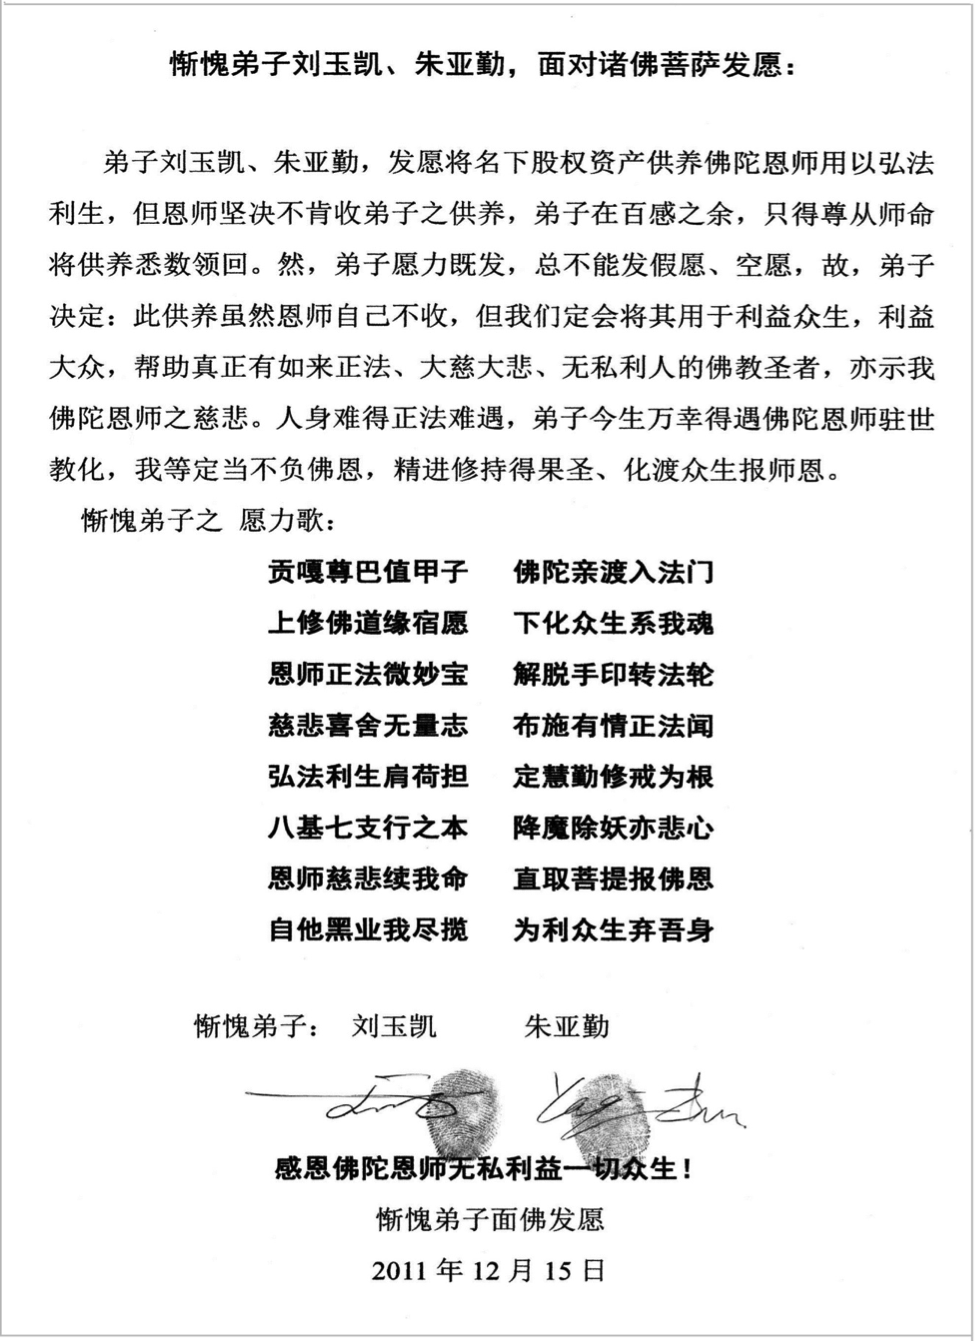 佛前发愿的原文影印件2